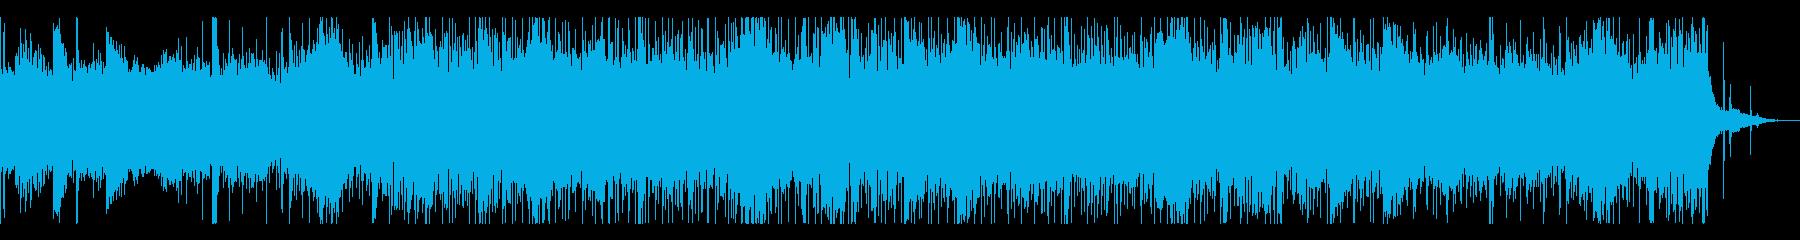 ホラーなシネマティックBGMの再生済みの波形